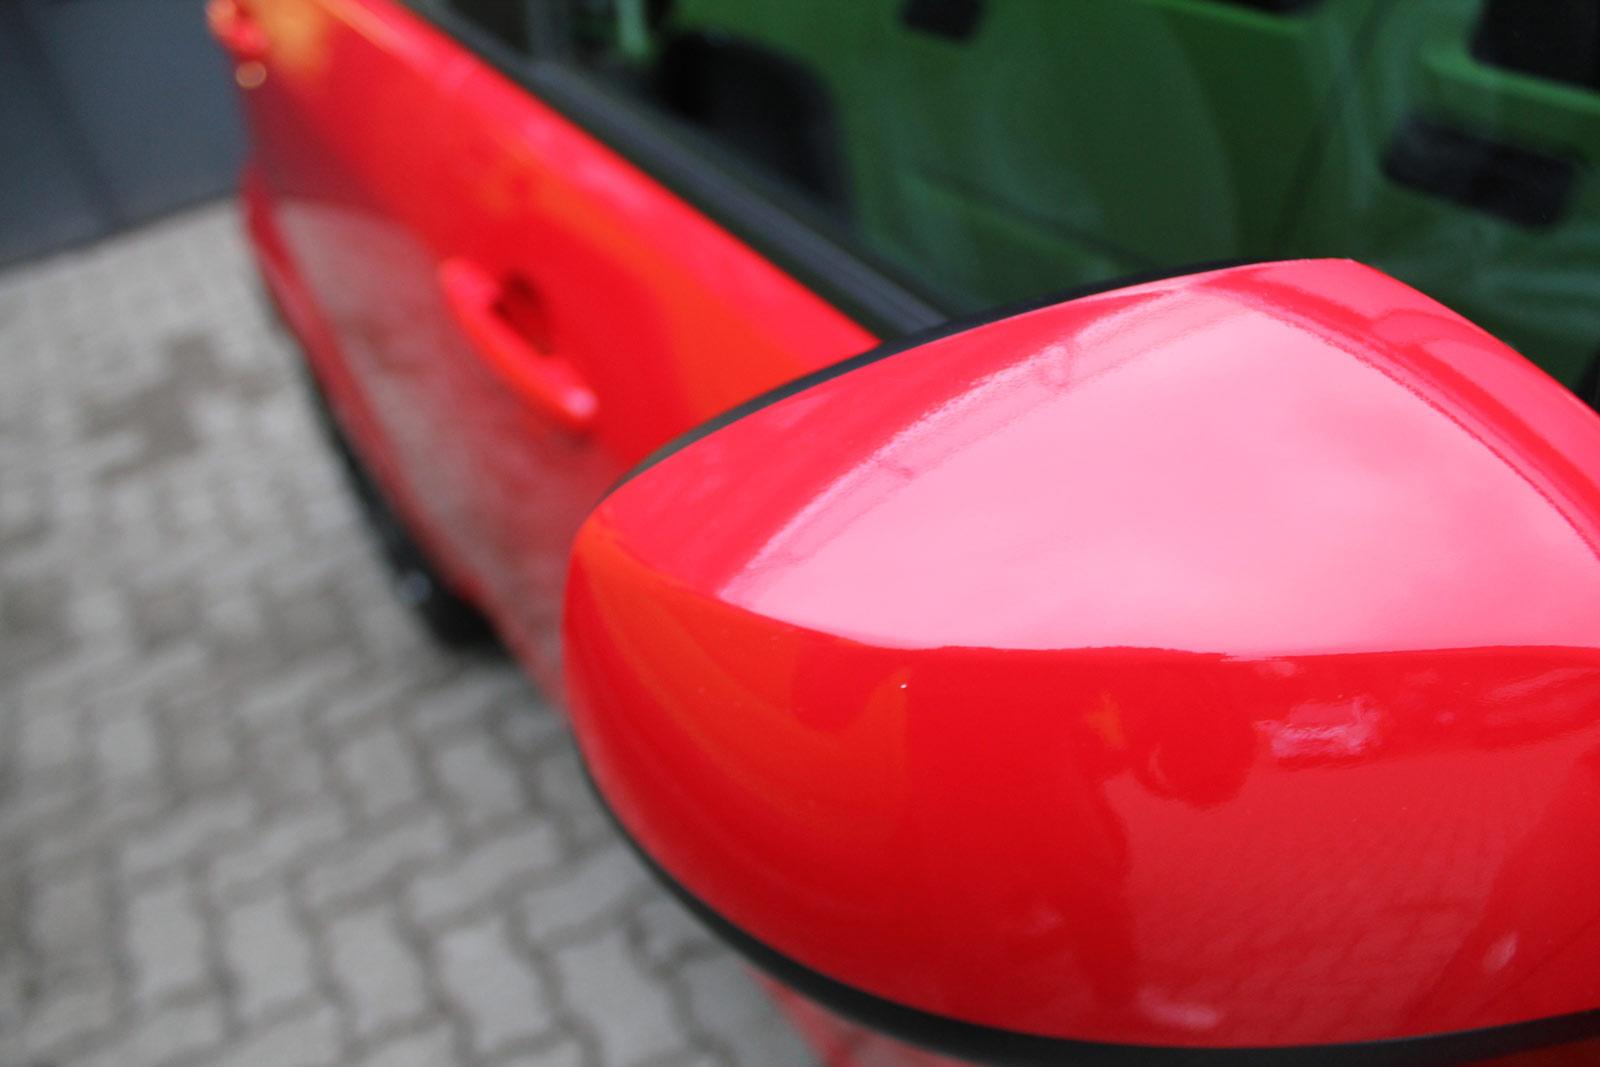 Opel_Agila_Folierung_Rot_Glanz_28